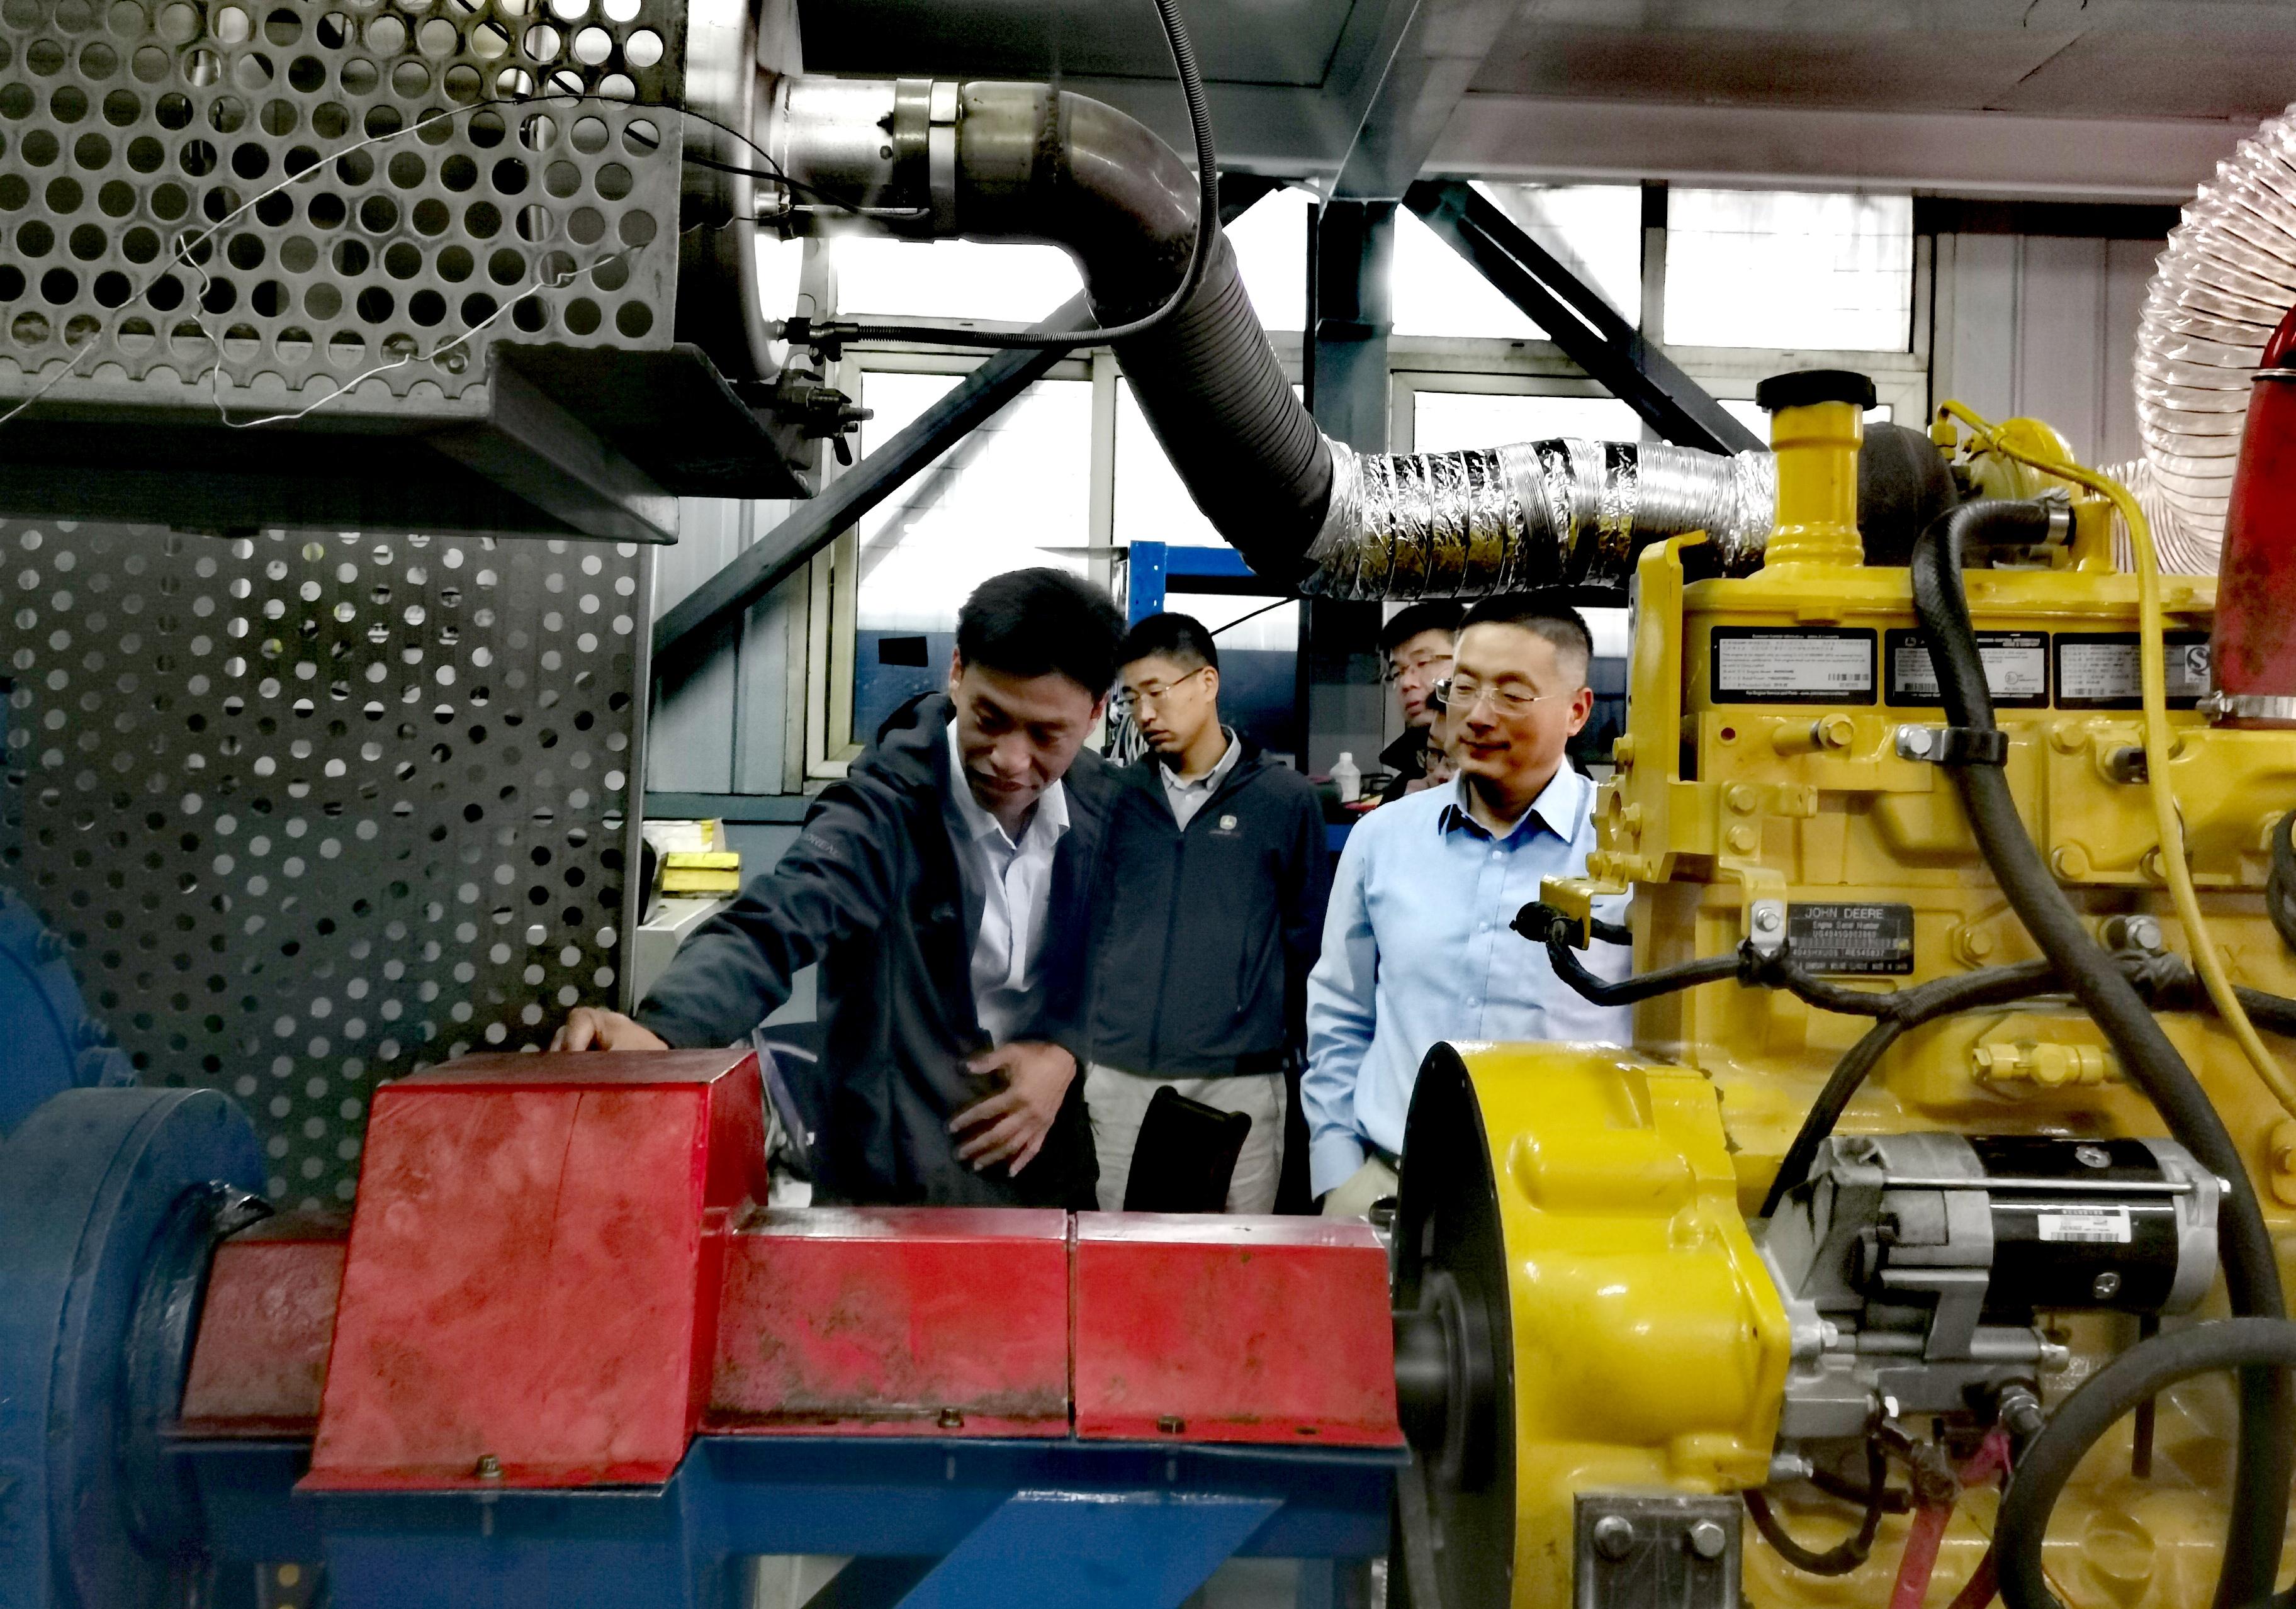 行業大事件:約翰迪爾經銷商在山東建了一個發動機維修測試車間!?